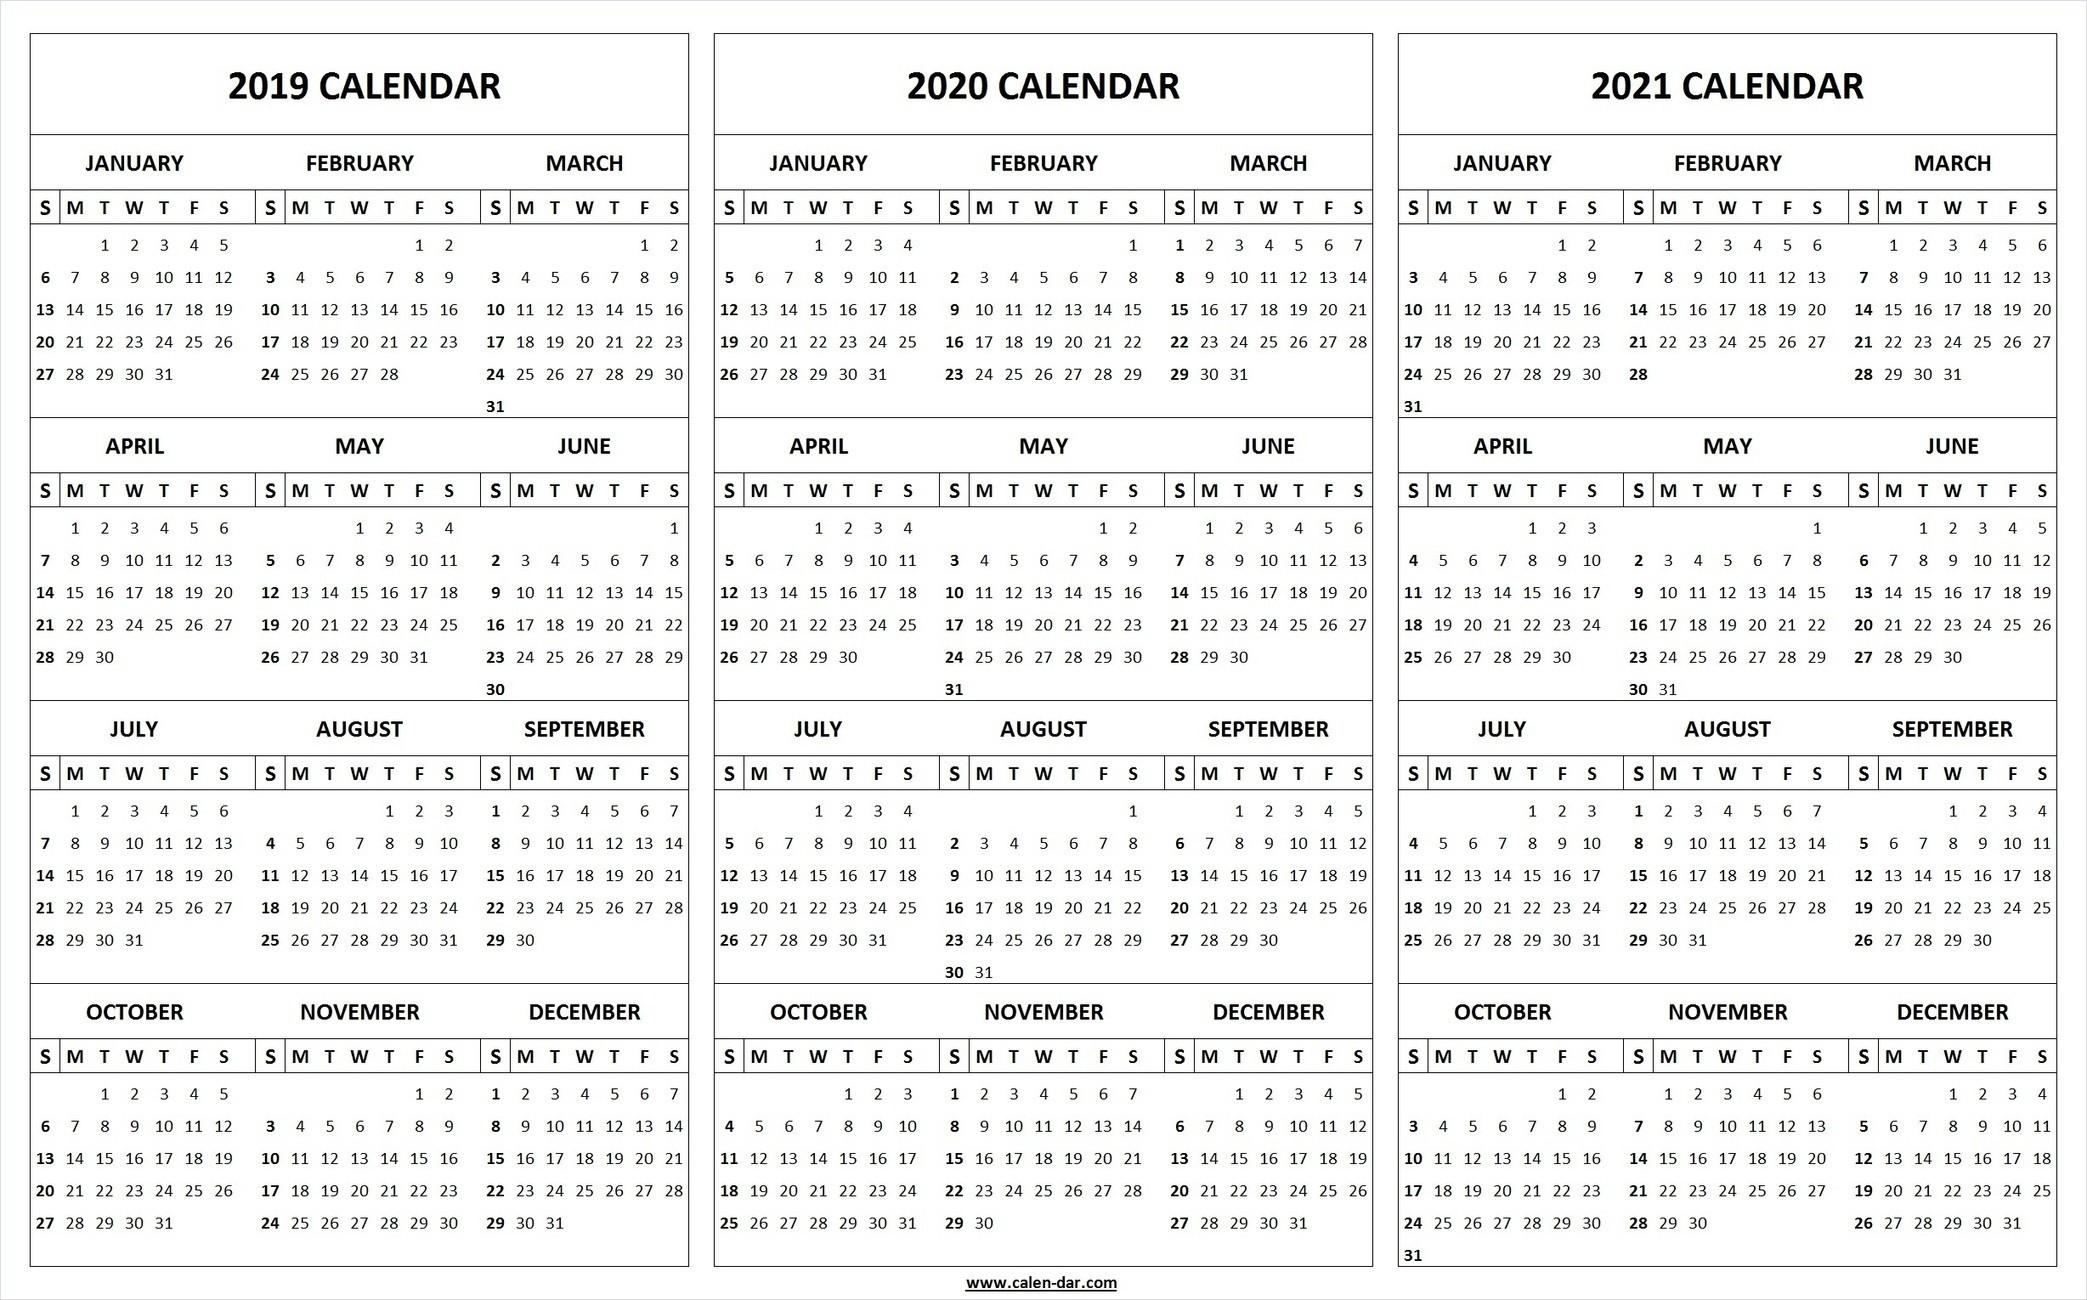 Calendario 2019 Chile Imprimir Pdf Recientes Printable 2019 2020 2021 Calendar Template Of Calendario 2019 Chile Imprimir Pdf Más Actual 2020 2021 Calendar Printable Template